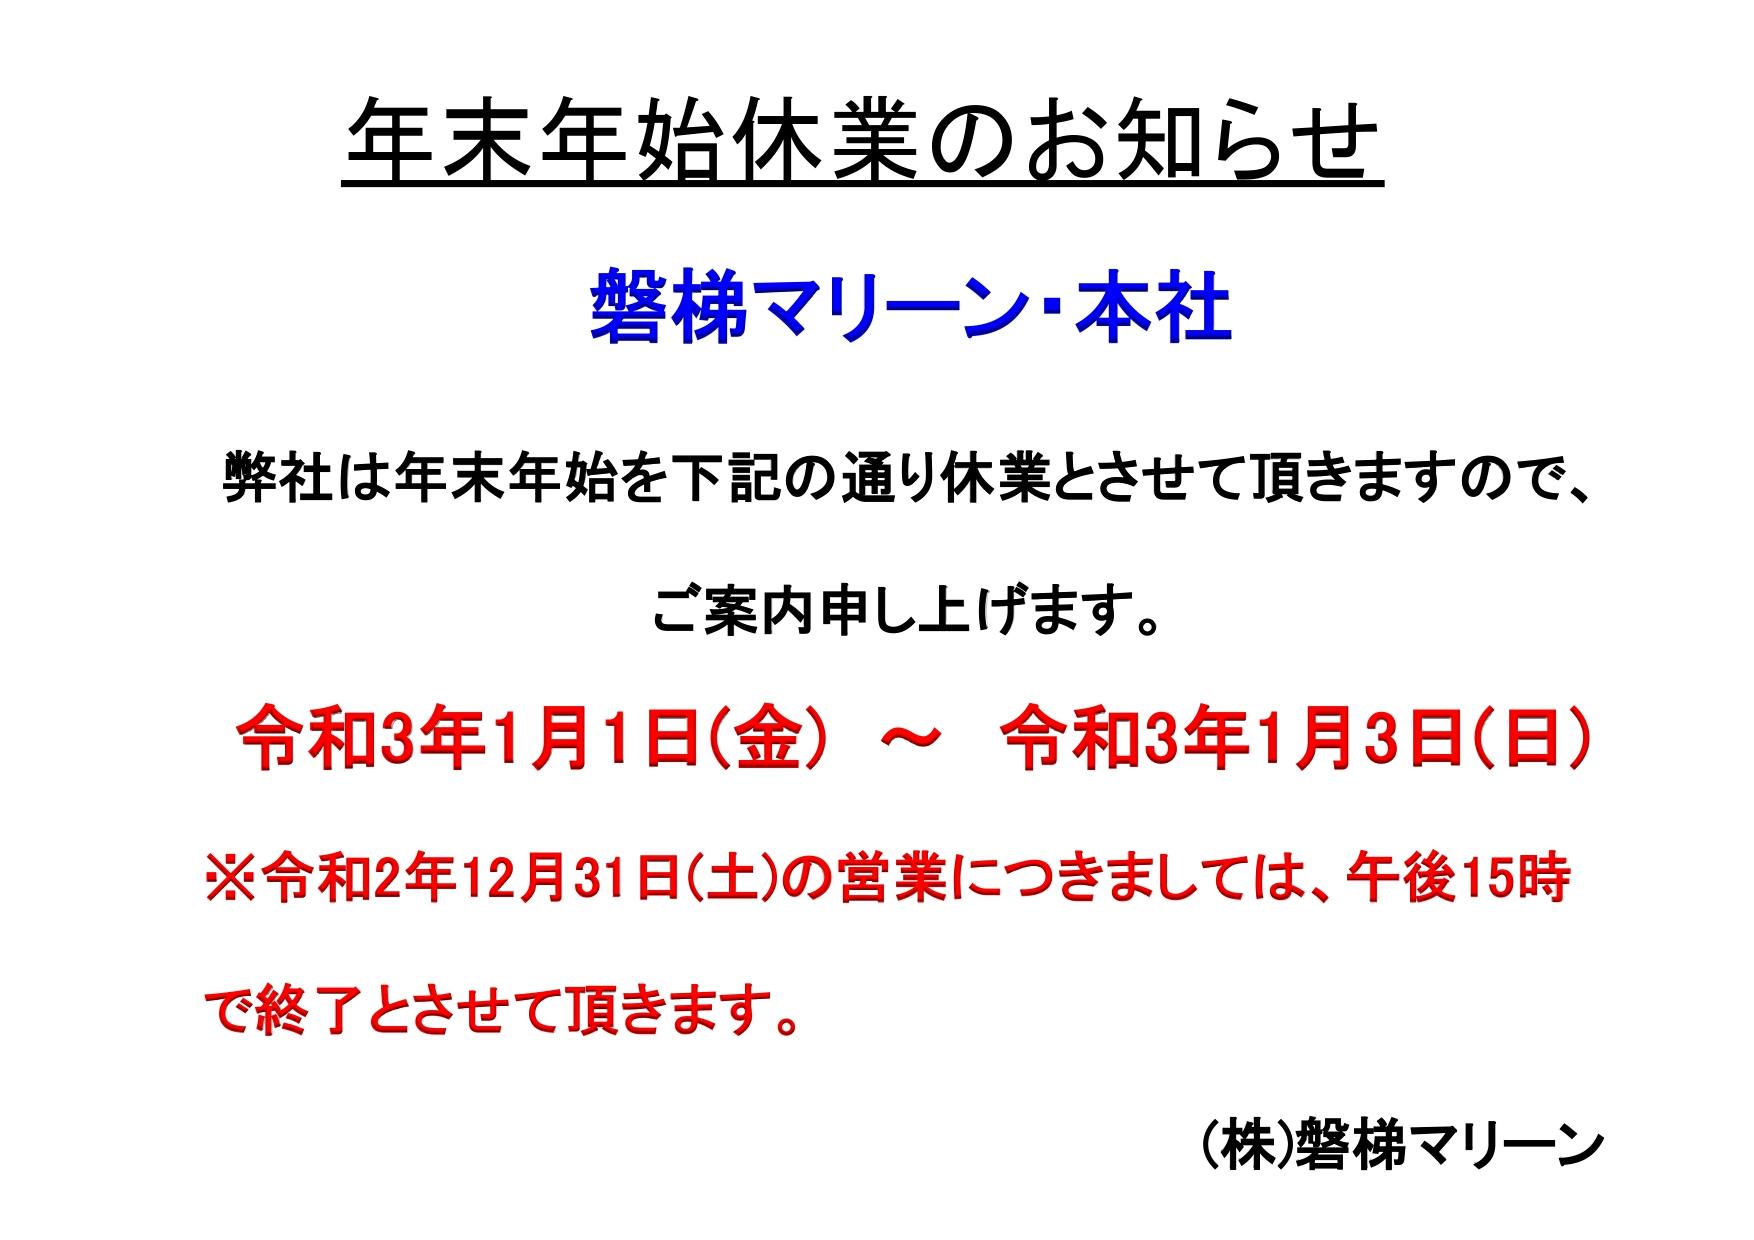 ☆★☆磐梯マリーンからのお知らせ☆★☆